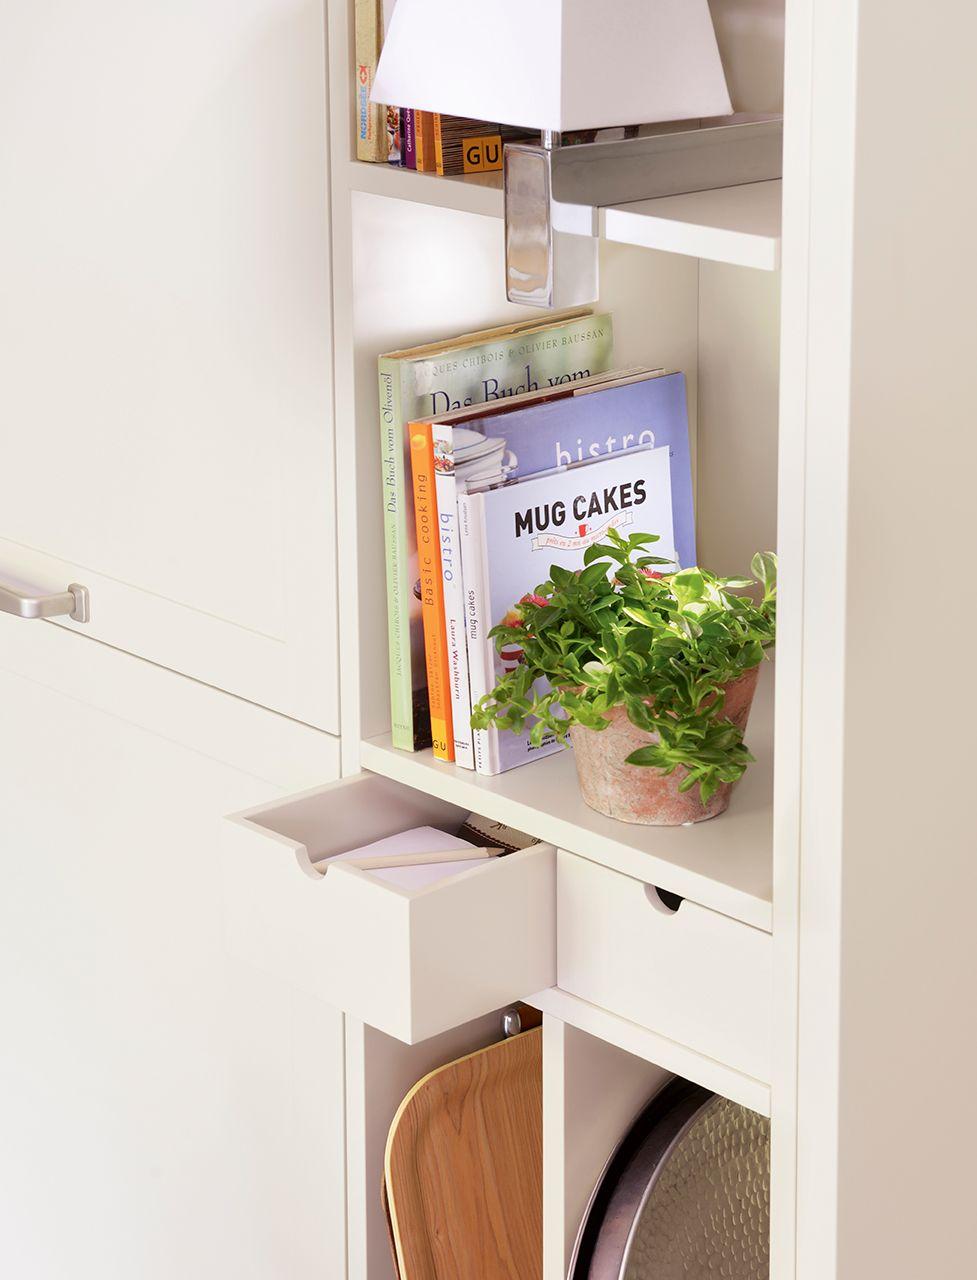 Cajones y baldas en mueble de cocina blanco cocinas for Muebles de cocina anos 80